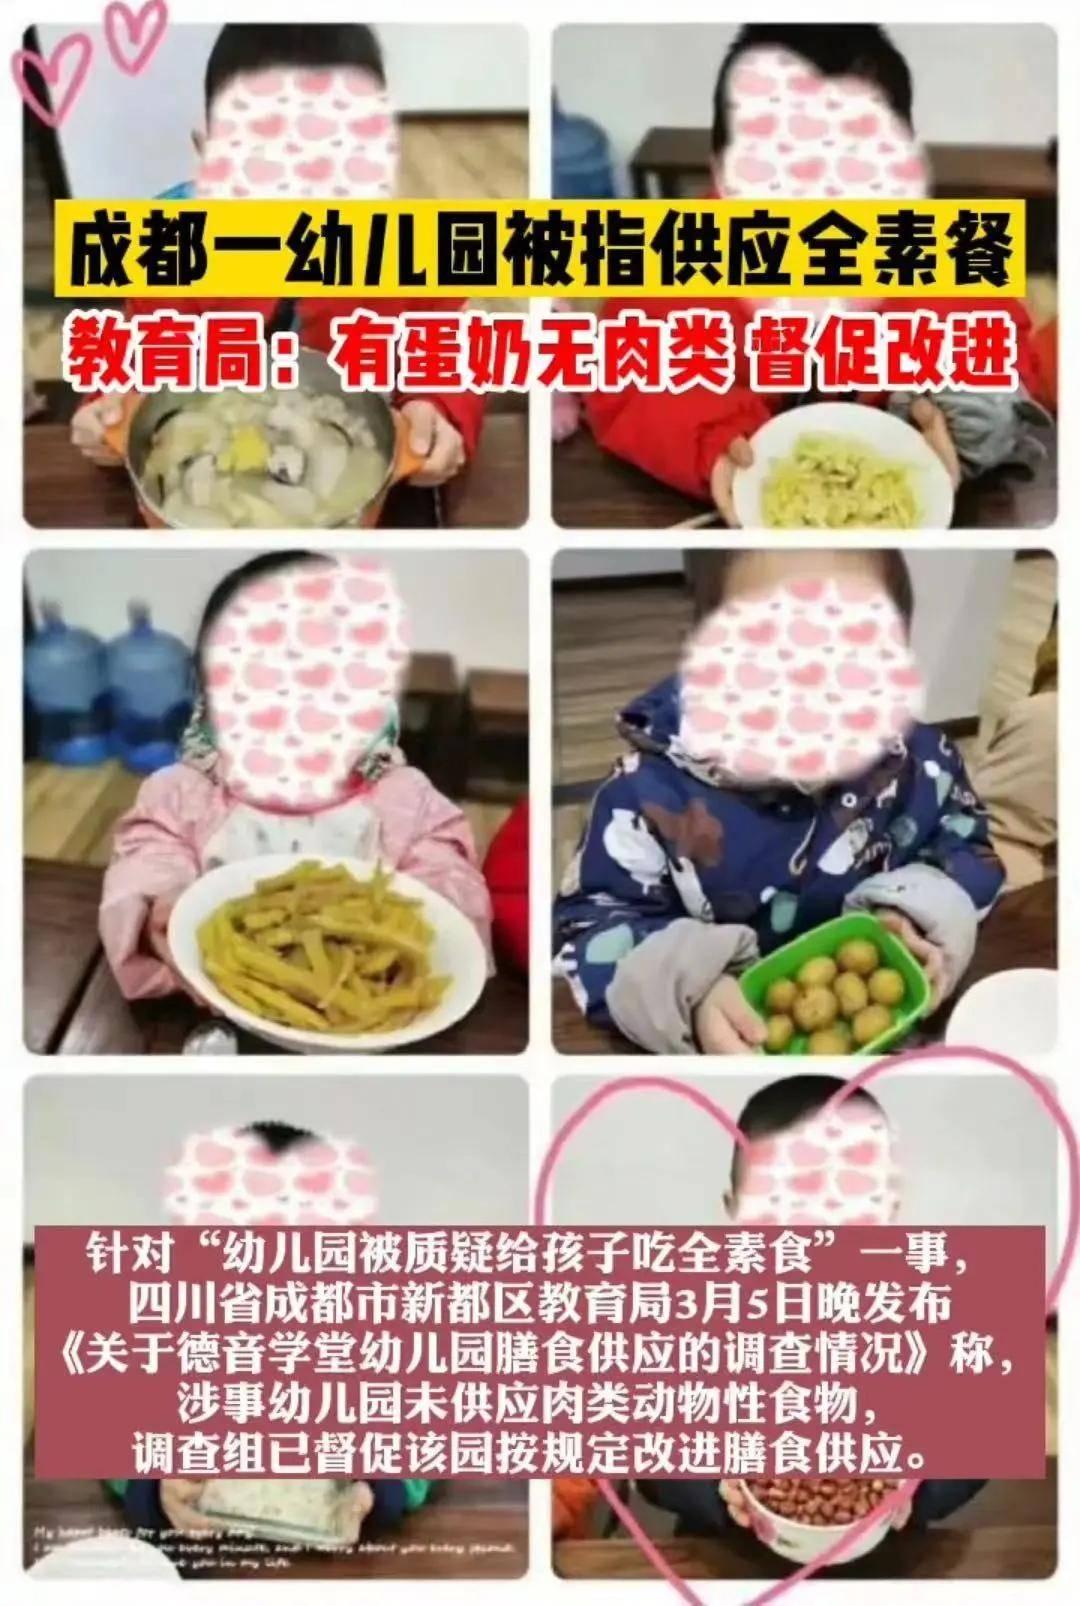 """幼儿园给孩子吃""""全素食""""?官方回应_胆碱"""